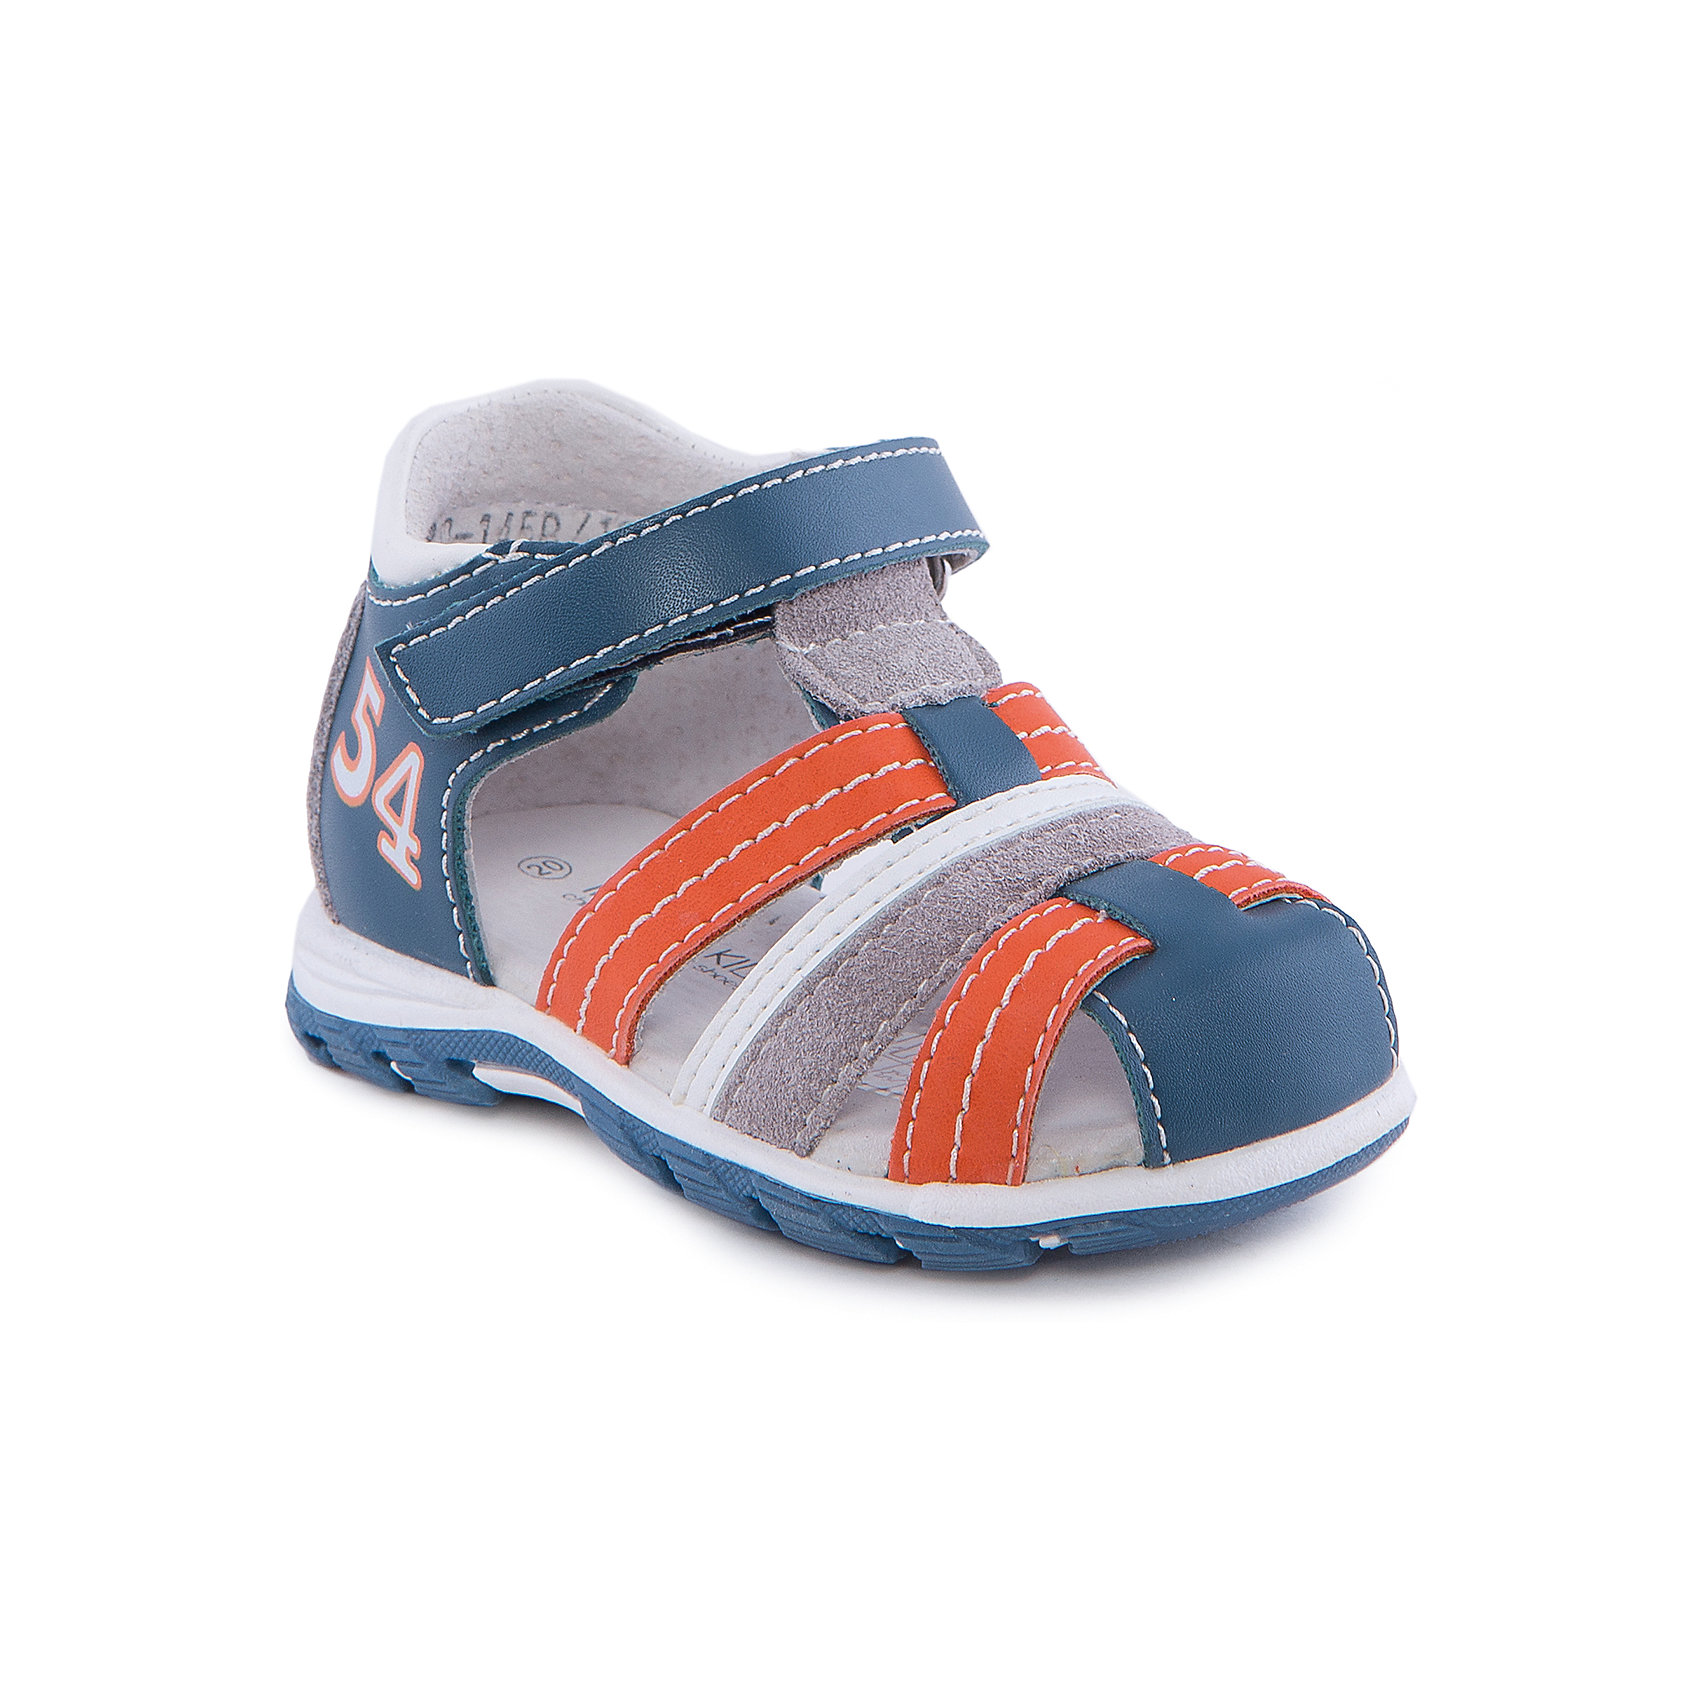 Сандалии для мальчика Indigo kidsСандалии<br>Сандалии для мальчика от известного бренда Indigo kids<br><br>Модные сандалии позволяют ножкам ребенка свободно дышать. Они легко надеваются и комфортно садятся по ноге. Оригинальный дизайн и качественное исполнение выделяют такую обувь из общего ряда новых моделей для этого сезона.<br><br>Особенности модели:<br><br>- цвет - синий;<br>- стильный дизайн;<br>- удобная колодка;<br>- декорированы контрастной прошивкой;<br>- кожаная подкладка;<br>- украшены принтом и яркими деталями;<br>- устойчивая подошва;<br>- застежки: липучки.<br><br>Дополнительная информация:<br><br>Состав:<br><br>верх – искусственная кожа;<br>подкладка -   натуральная кожа;<br>подошва - ТЭП.<br><br>Сандалии для мальчика Indigo kids (Индиго Кидс) можно купить в нашем магазине.<br><br>Ширина мм: 219<br>Глубина мм: 154<br>Высота мм: 121<br>Вес г: 343<br>Цвет: голубой<br>Возраст от месяцев: 9<br>Возраст до месяцев: 12<br>Пол: Мужской<br>Возраст: Детский<br>Размер: 20,23,25,24,22,21<br>SKU: 4582763